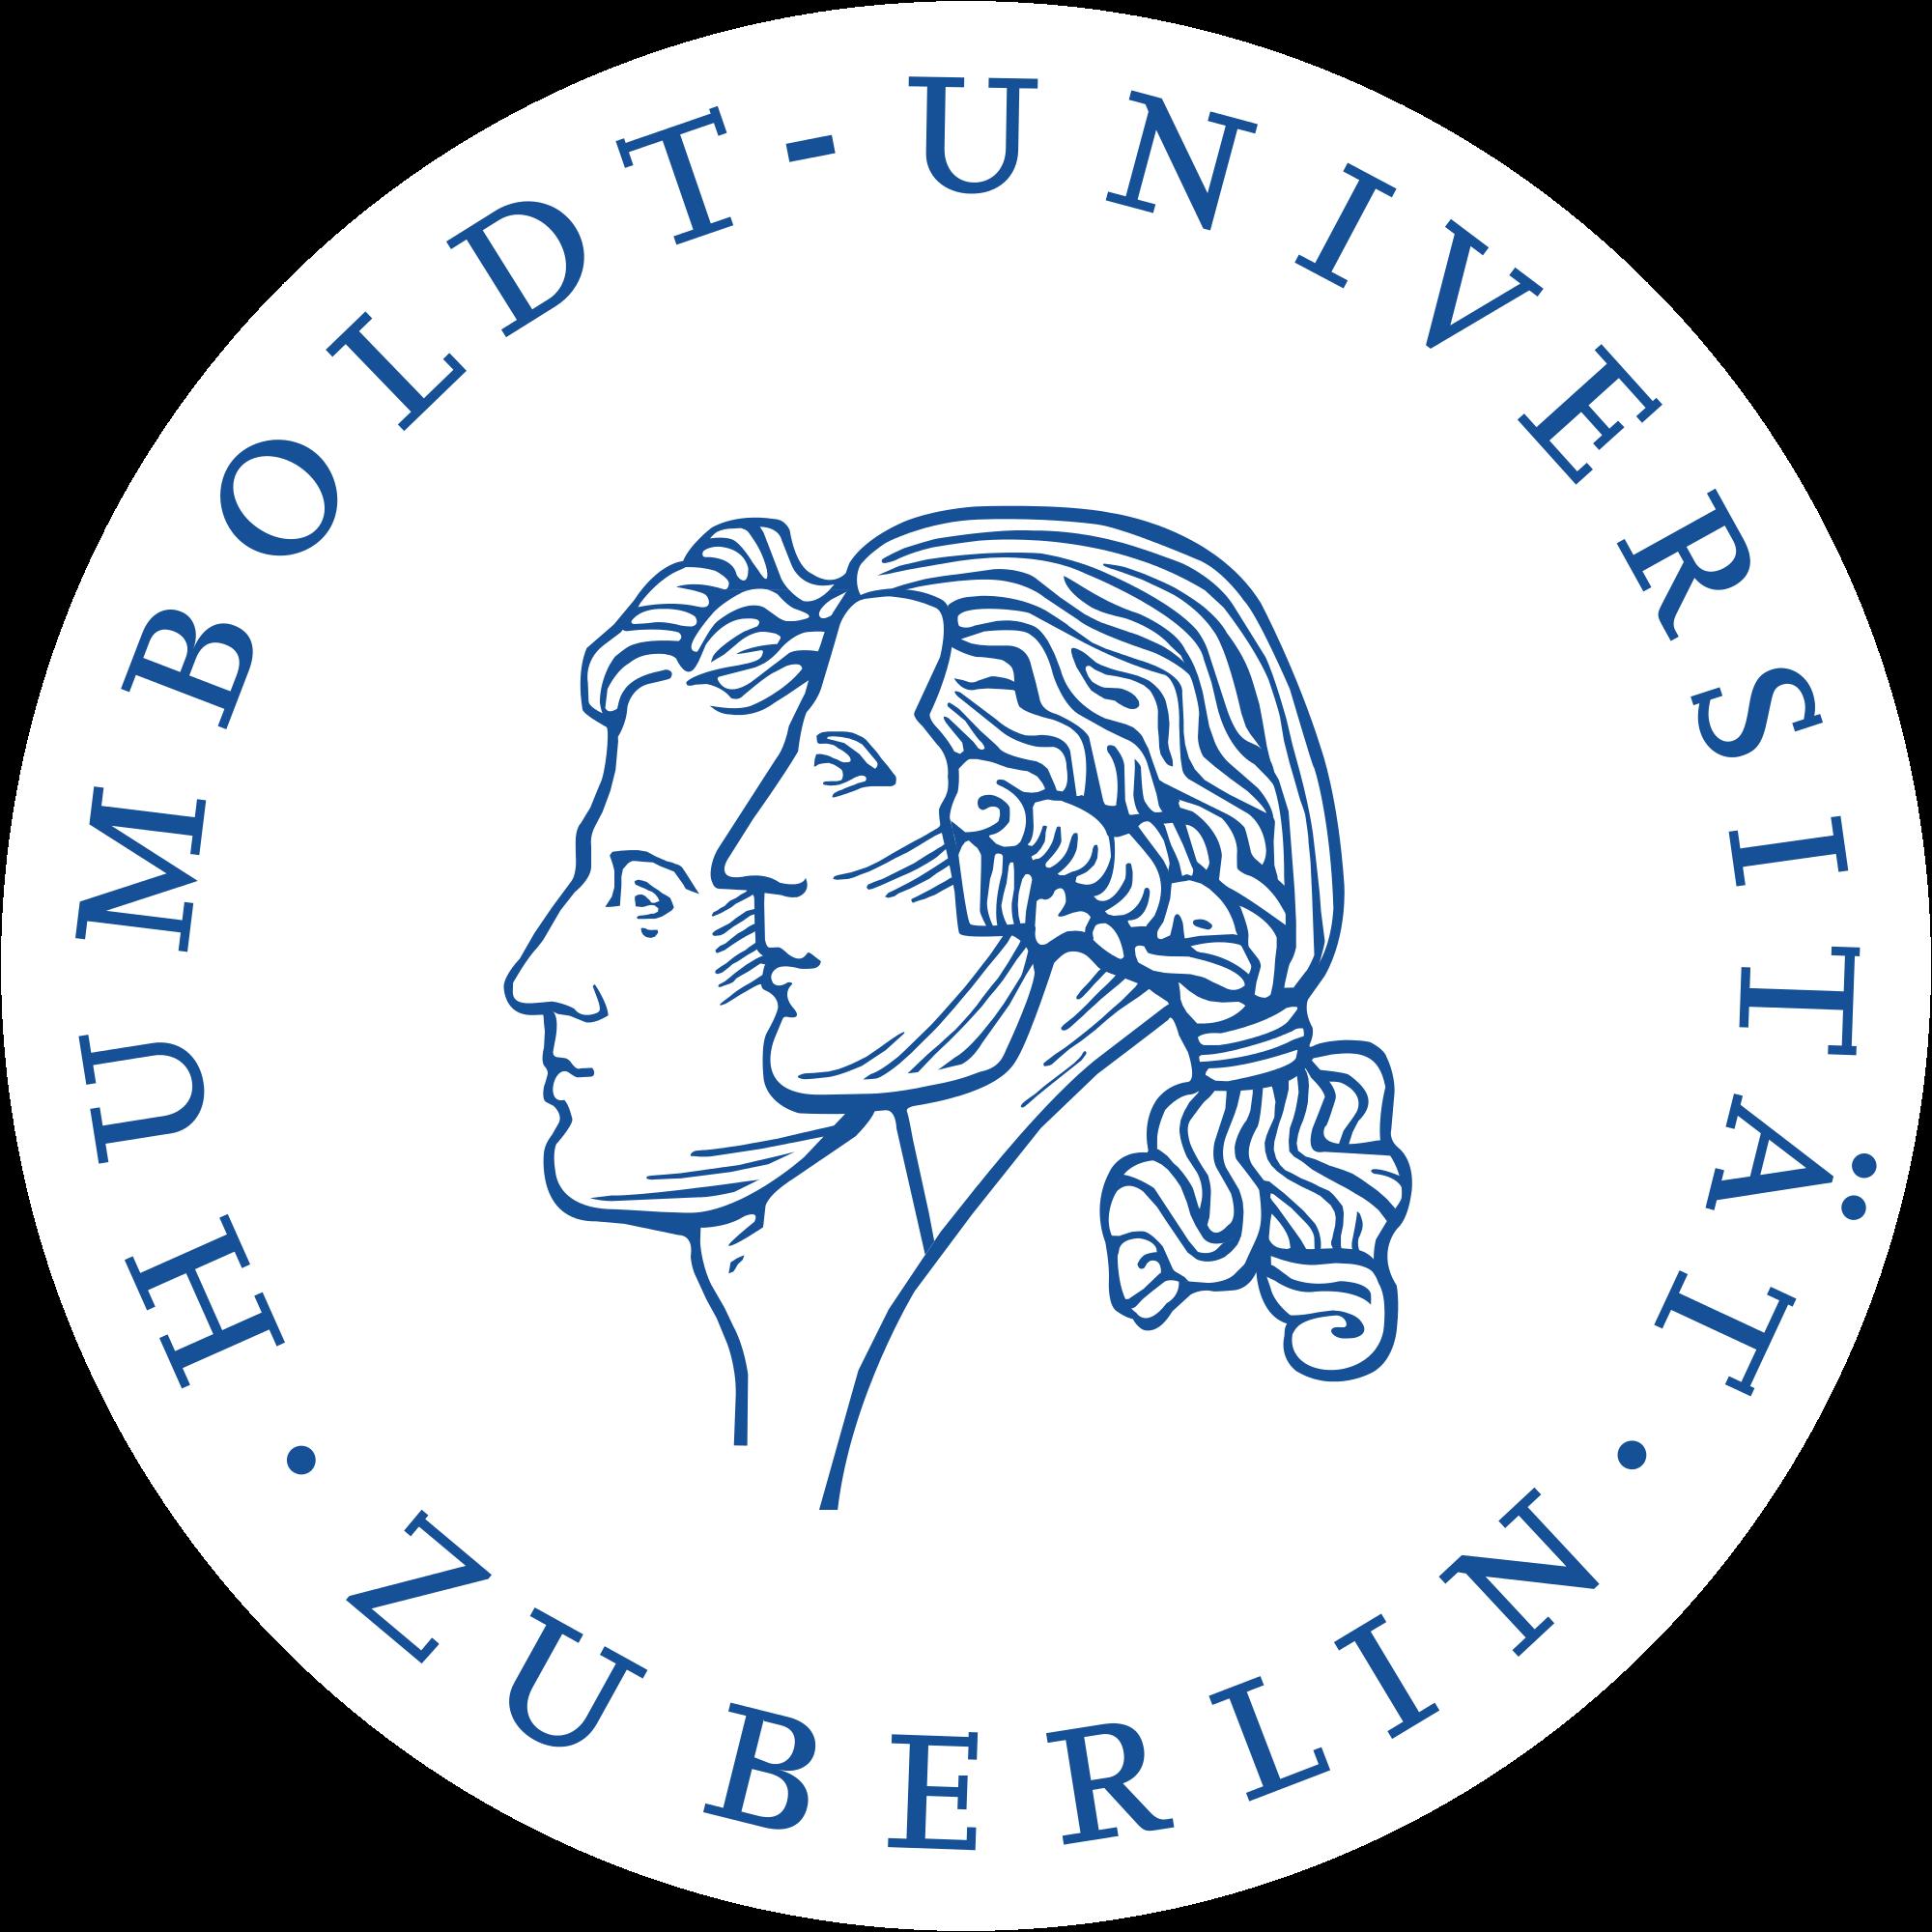 Lernen und Gedächtnis (Abdel-Ramahn) an der Humboldt-Universität zu Berlin